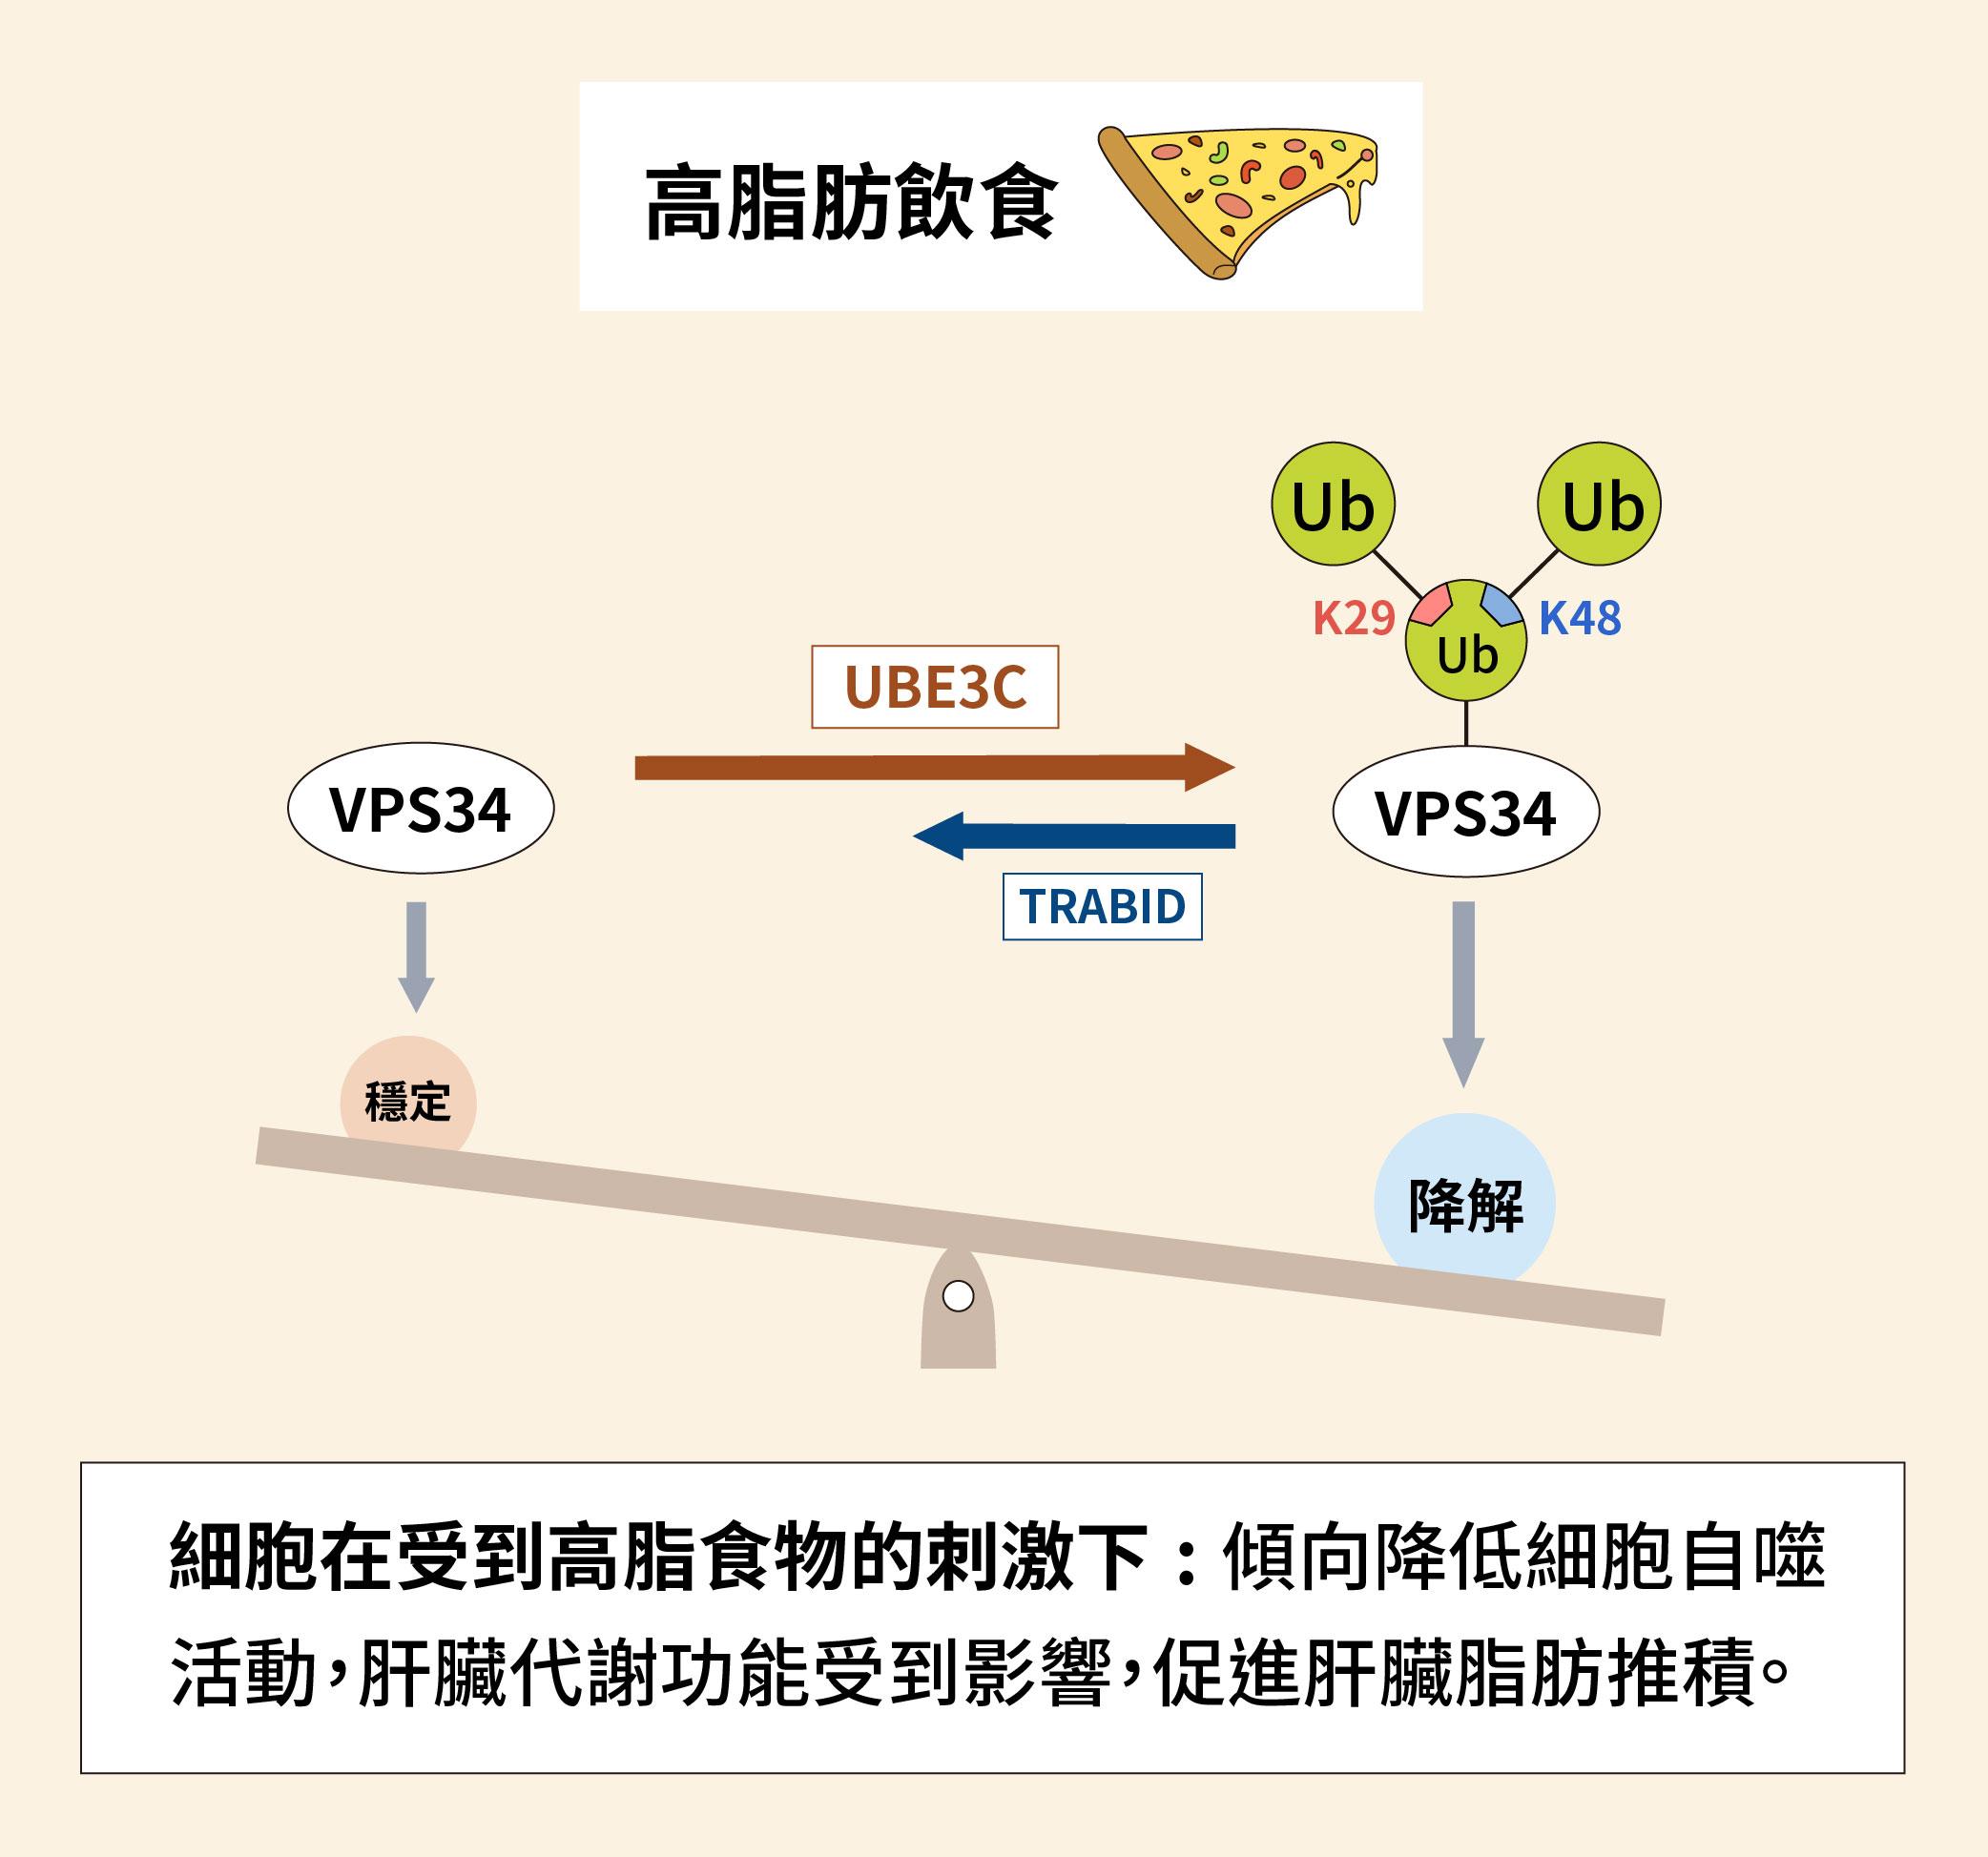 細胞在受到高脂食物的刺激下,傾向降低細胞自噬活動,VPS34 經過泛素化之後降解。肝臟代謝功能受到影響,促進肝臟脂肪推積。圖│研之有物(資料來源│陳瑞華)